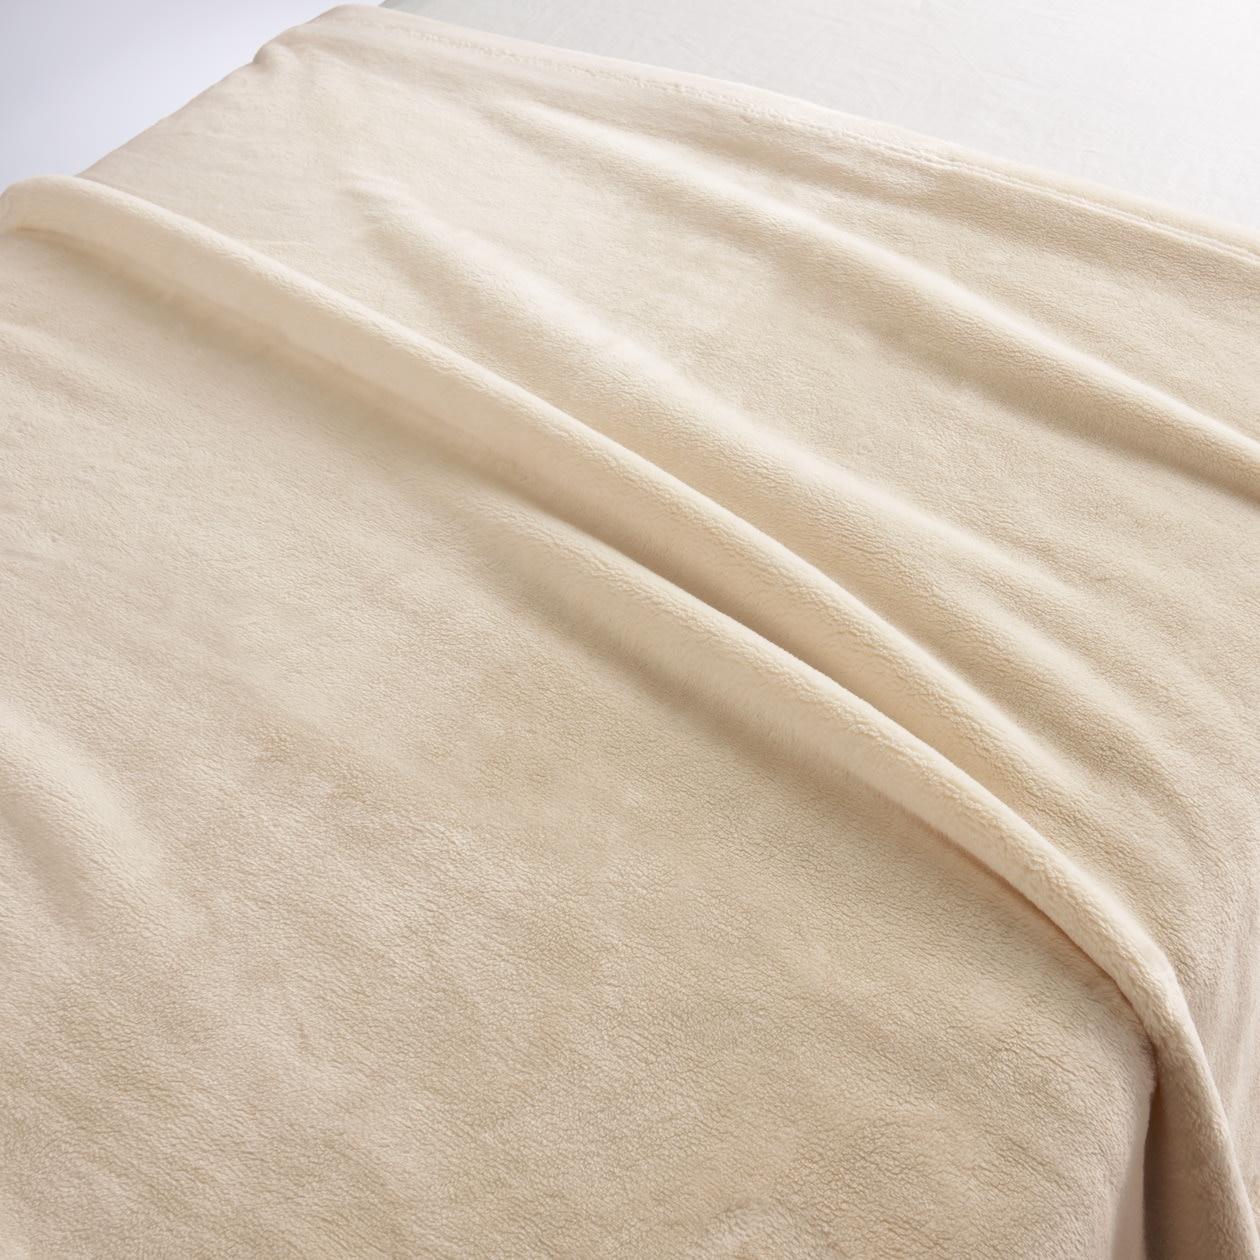 無印良品 あたたかファイバー厚手毛布